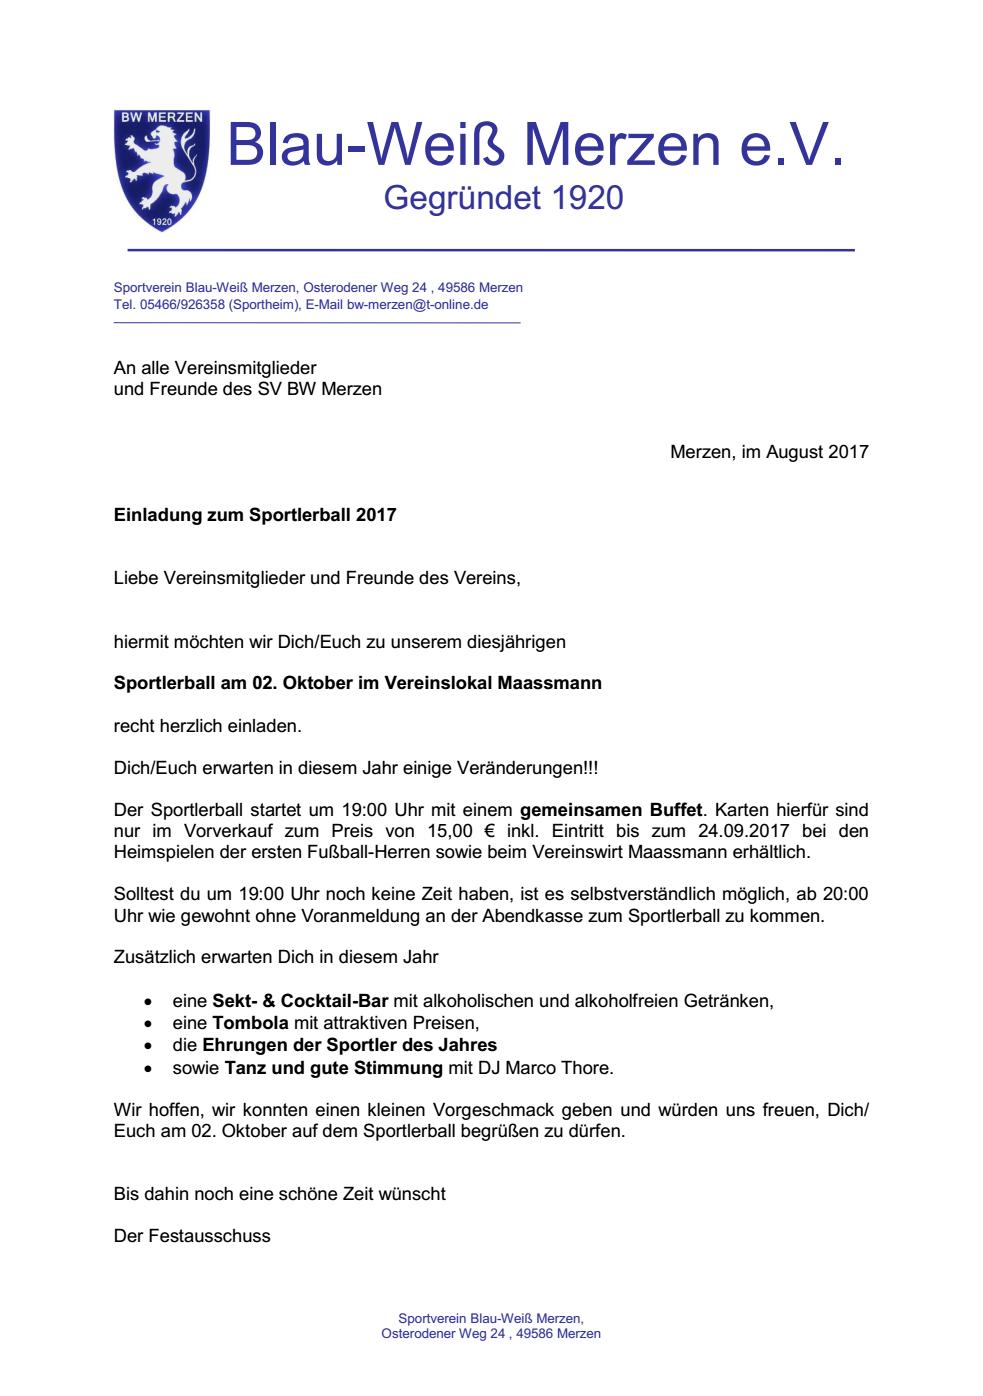 einladung zum sportlerball 2017 - der verein - news - bw-merzen.de, Einladung